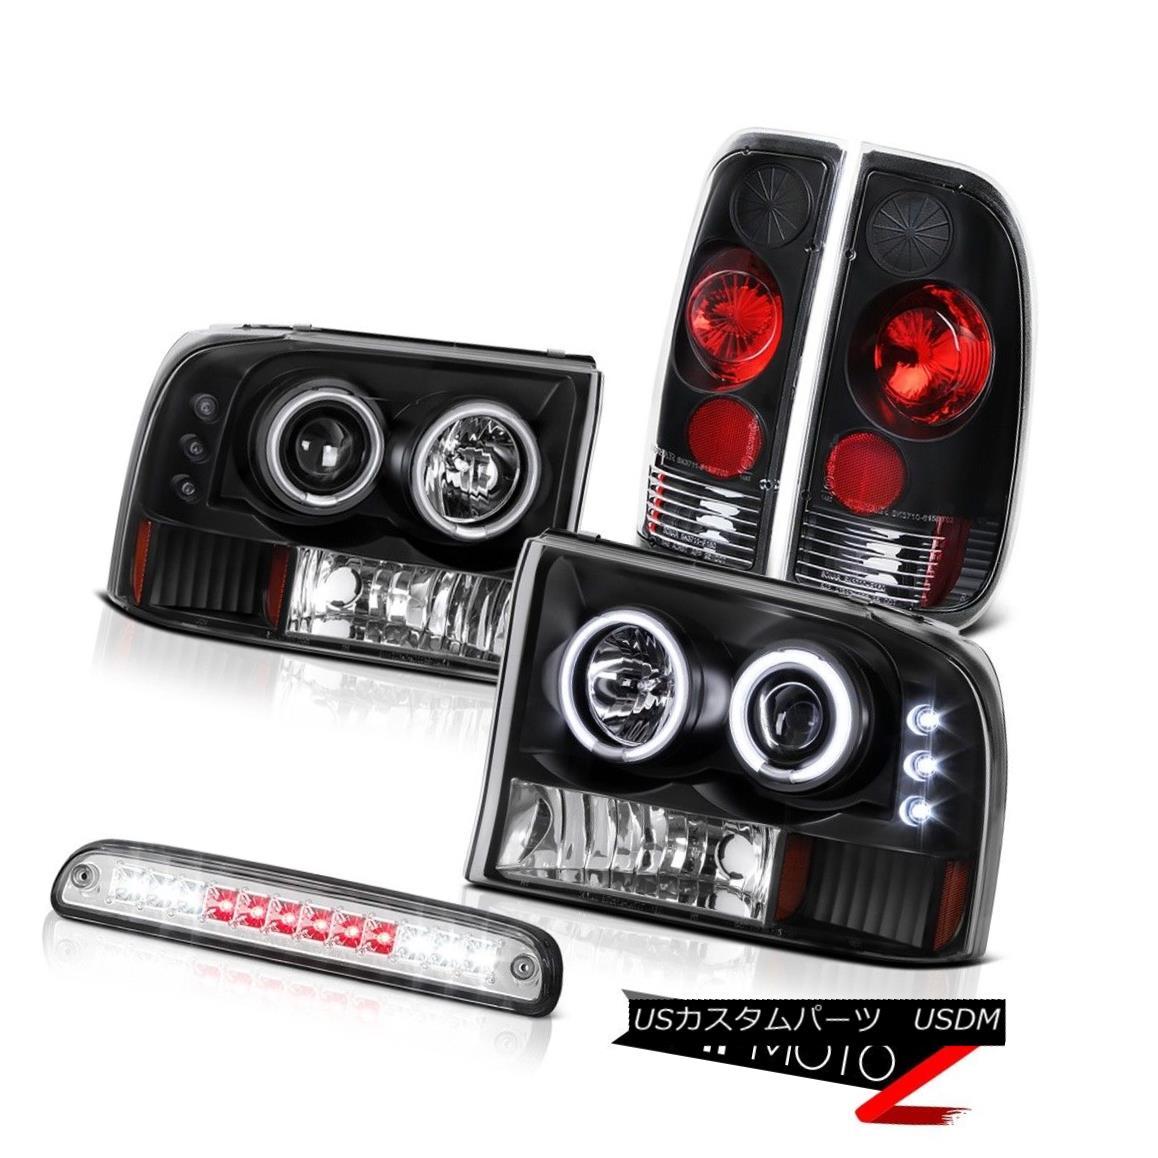 テールライト Angel Eye Projector Headlight High Stop LED Chrome Tail Lamps 99-04 Ford F250 SD エンジェルアイプロジェクターヘッドライトハイストップLEDクロームテールランプ99-04 Ford F250 SD